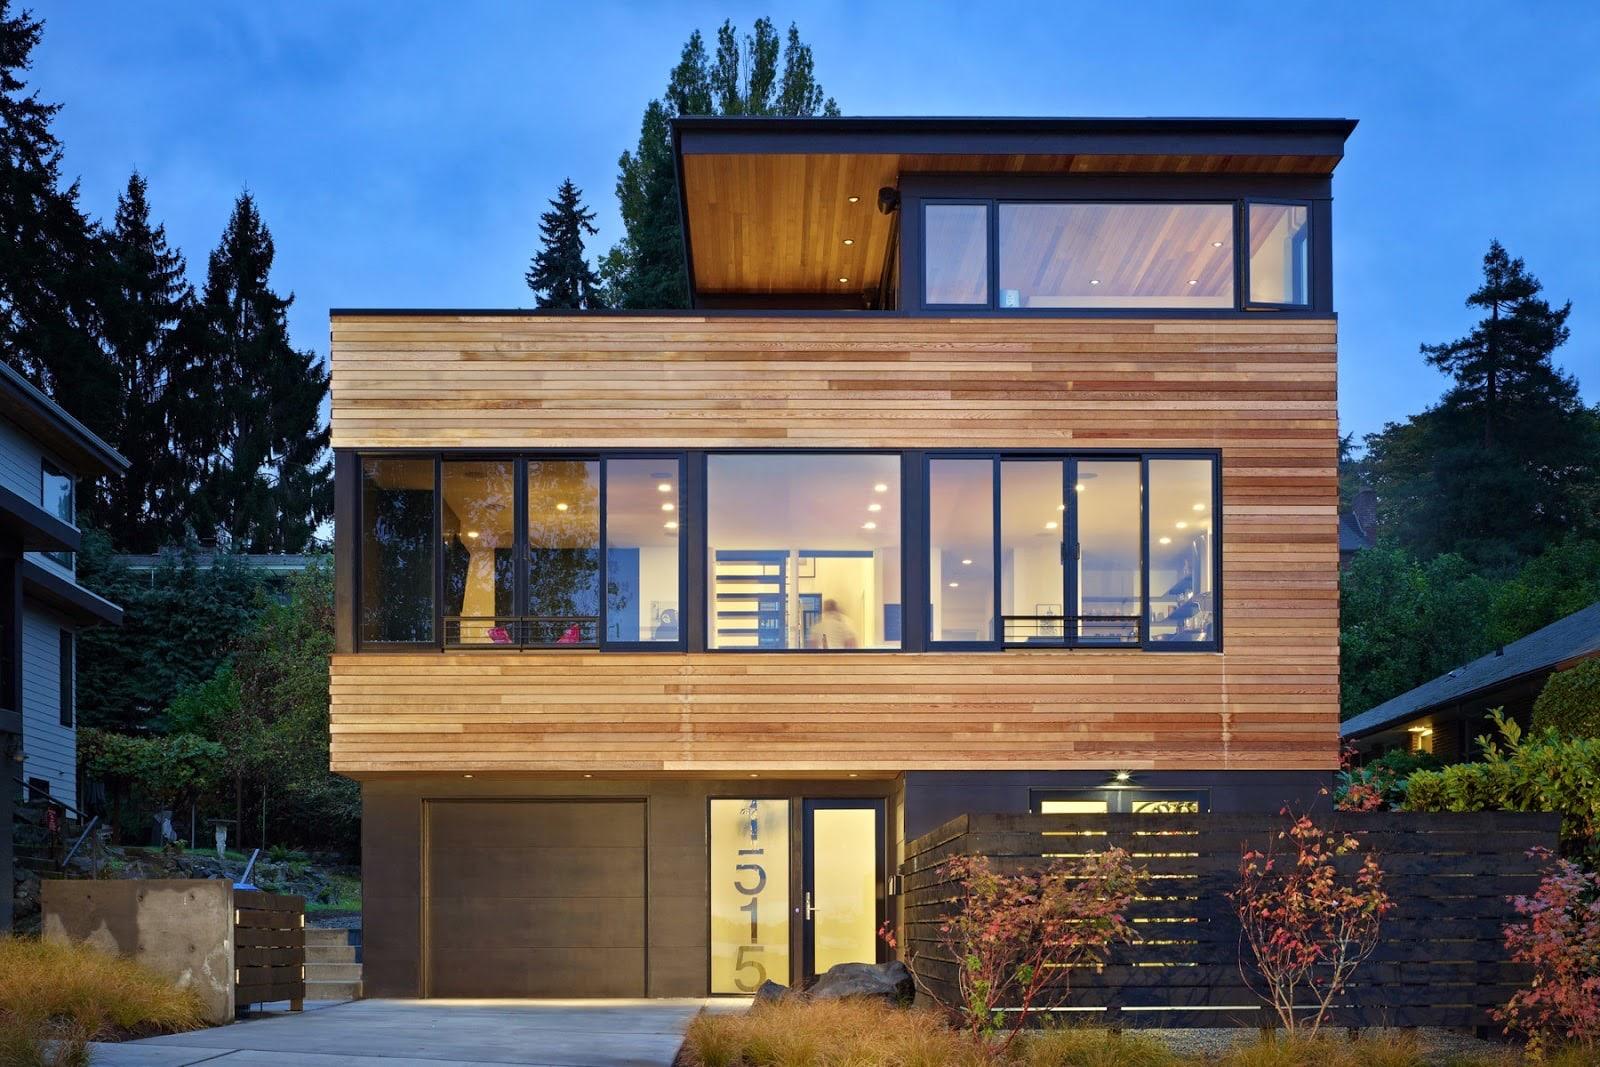 45 Rekomendasi Desain Rumah Minimalis Tampak Depan Modern